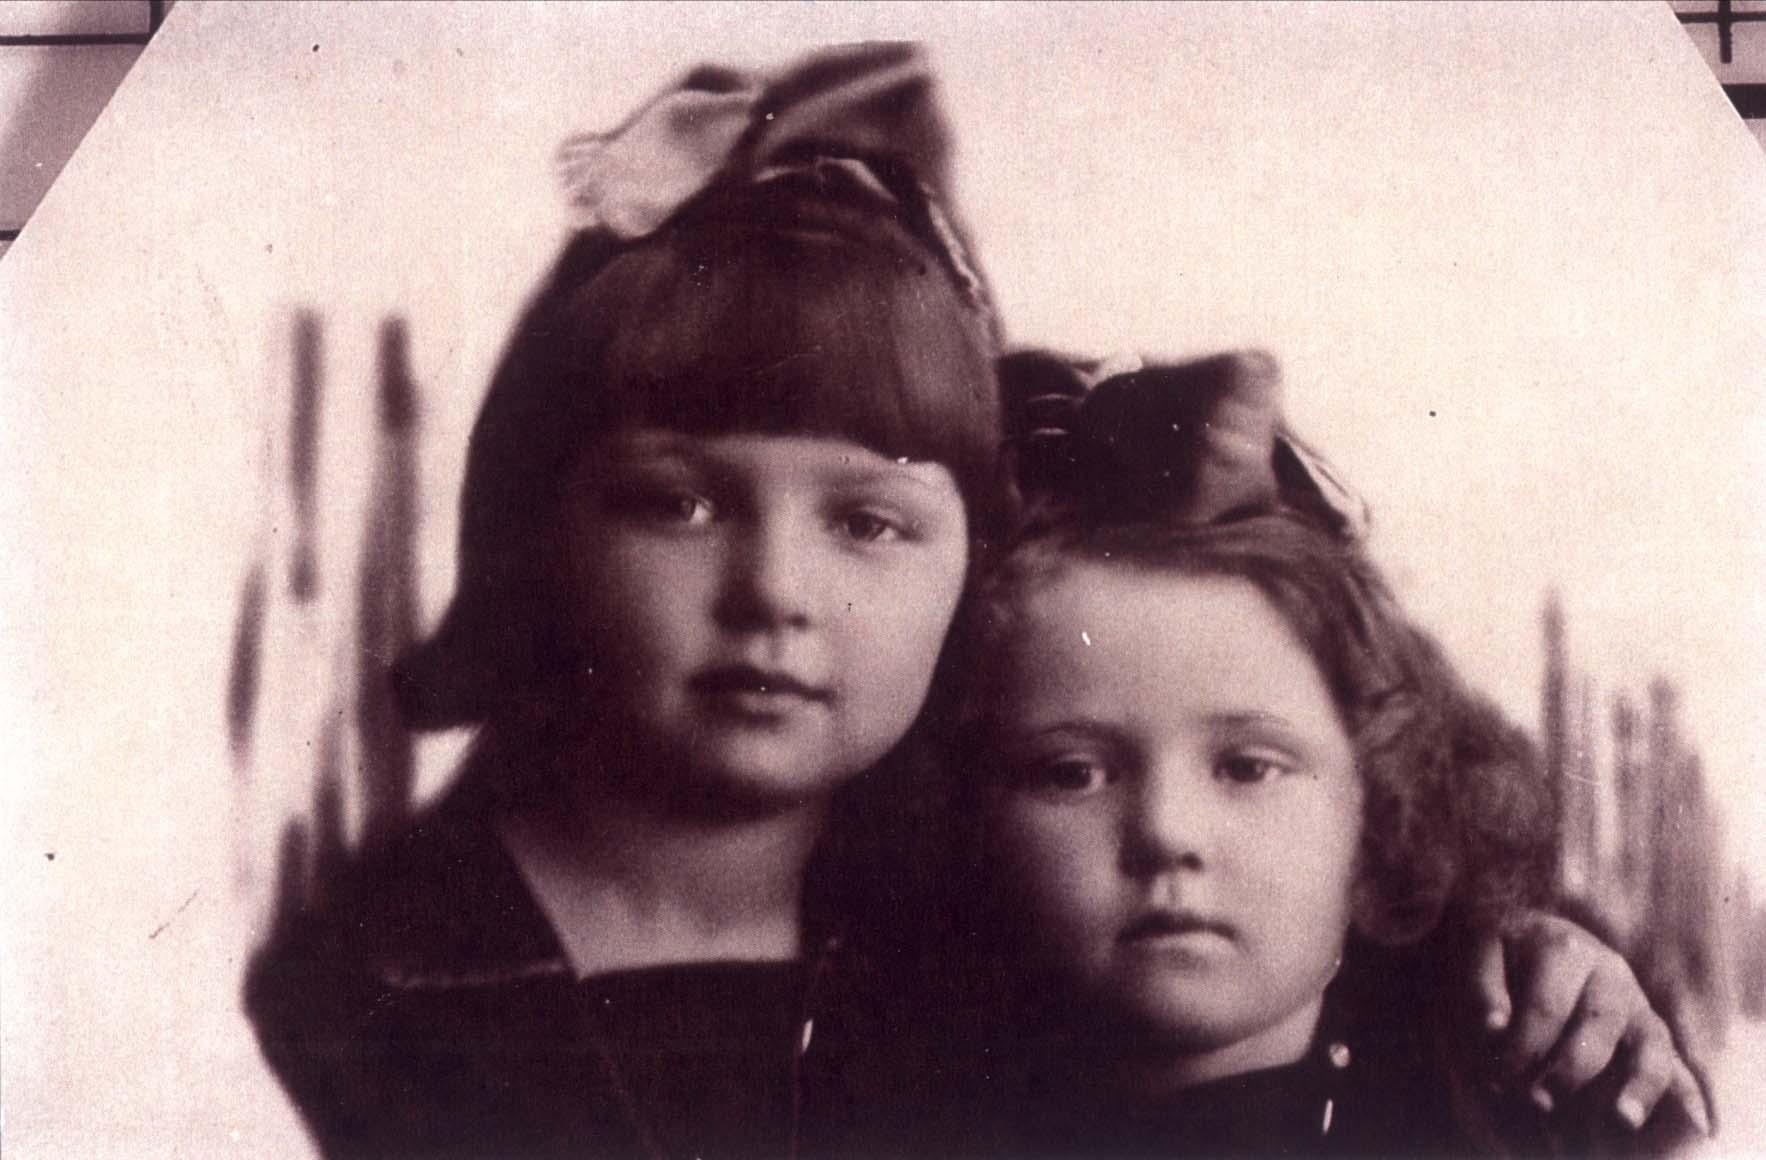 Сестра пиани пришла 21 фотография